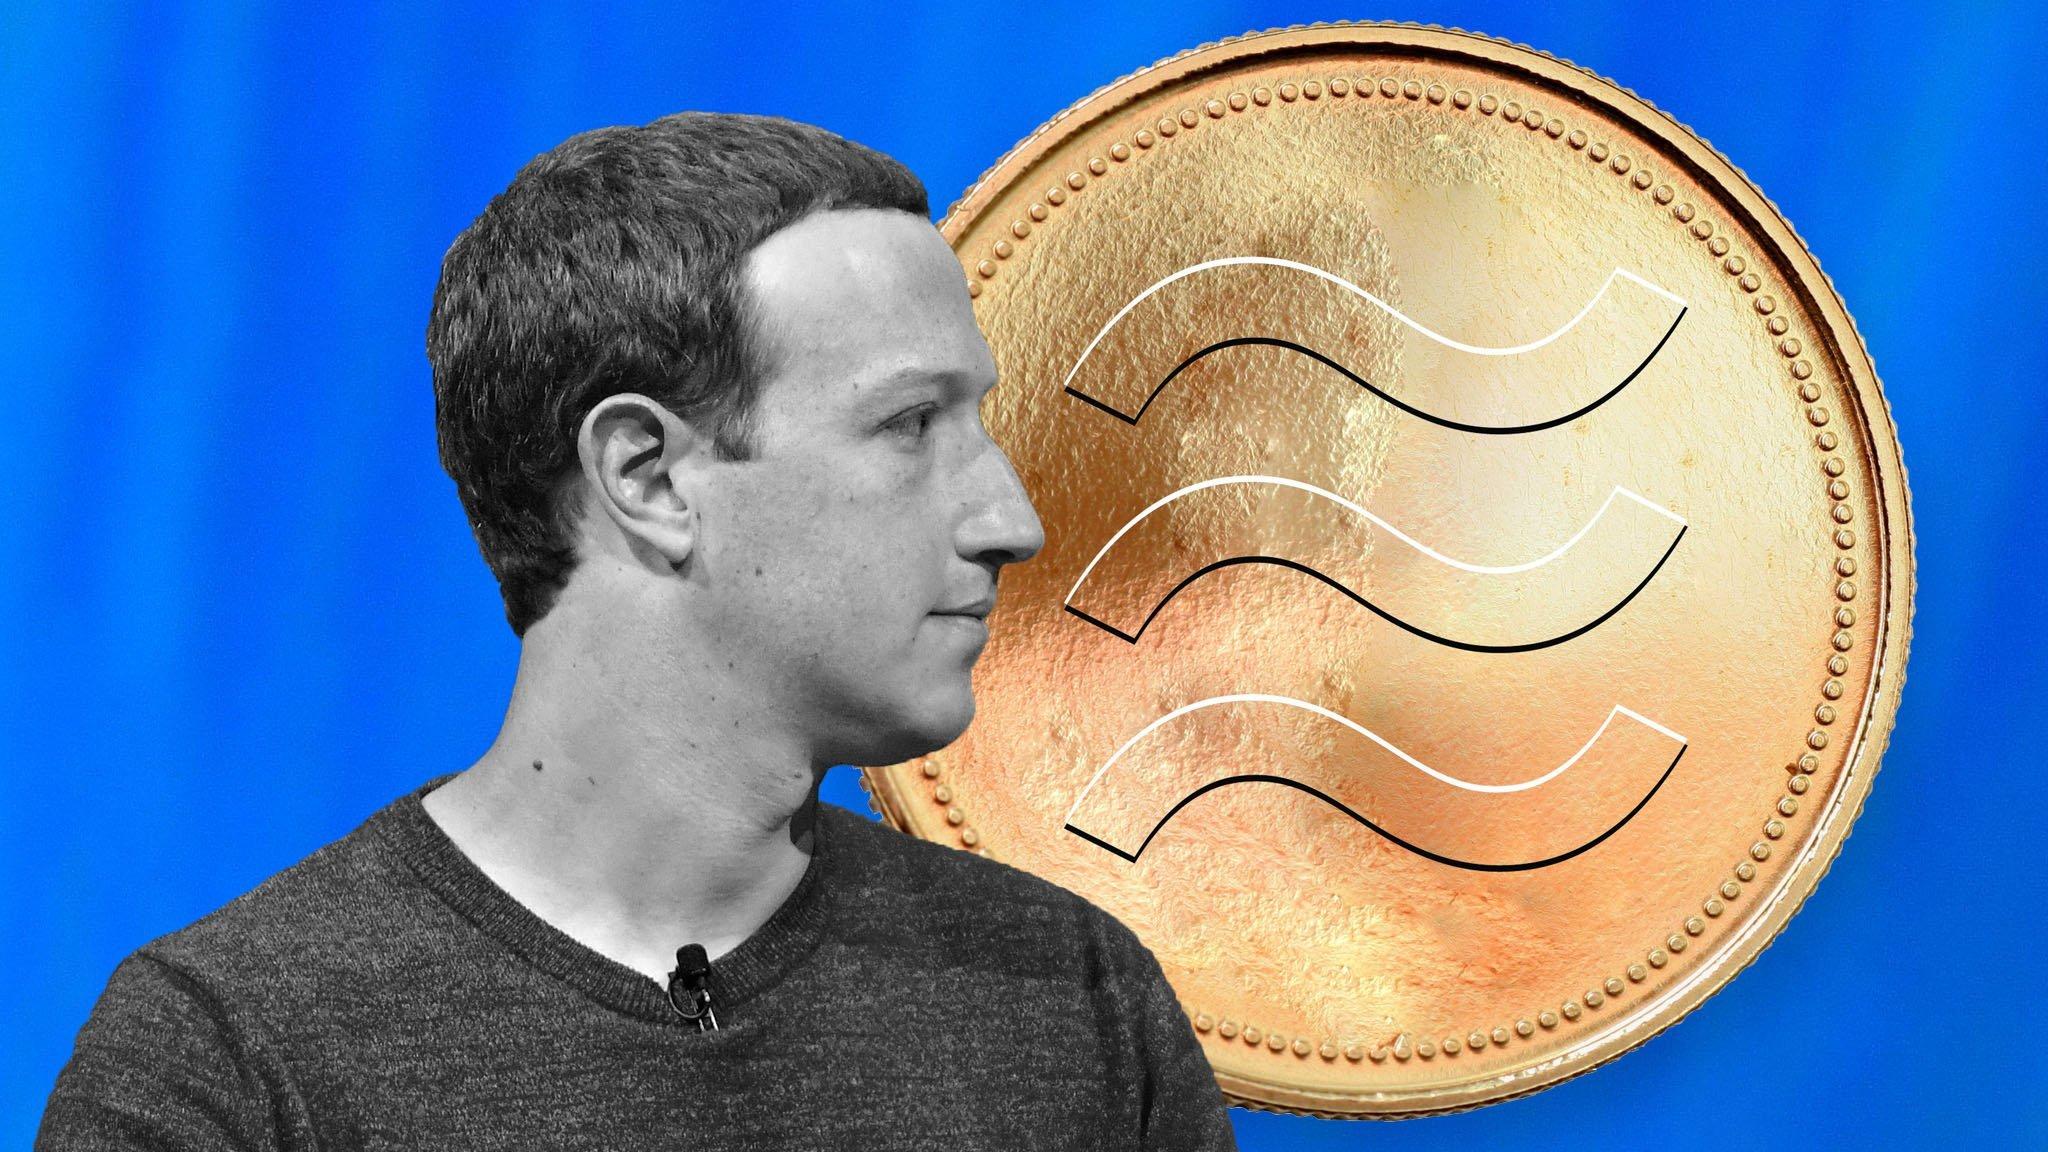 Libra: Facebook to face global regulators